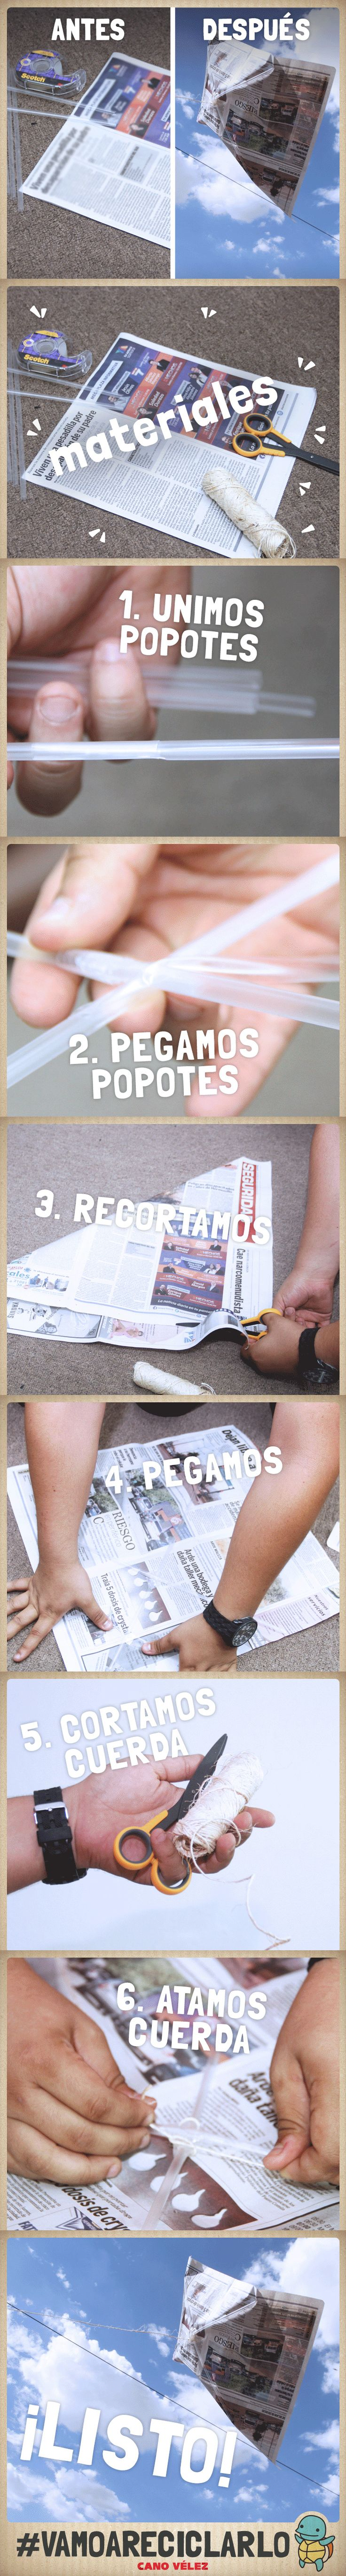 Aprovechen la última semana de vacaciones con sus hijos compartiendo el buen habito del reciclaje. ¿Tienes periódico viejo? #VamoAReciclarlo